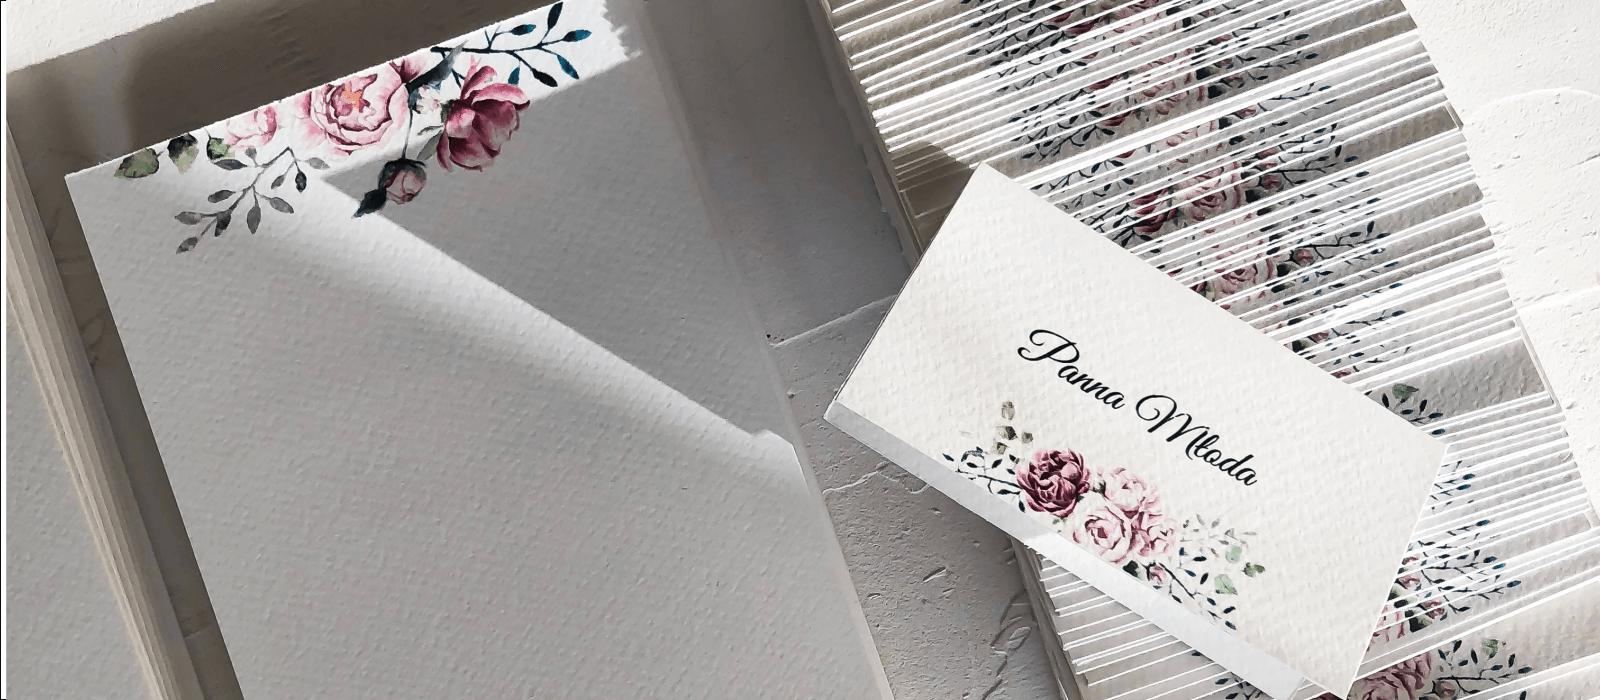 Wielka letnia promocja I Design Your Wedding